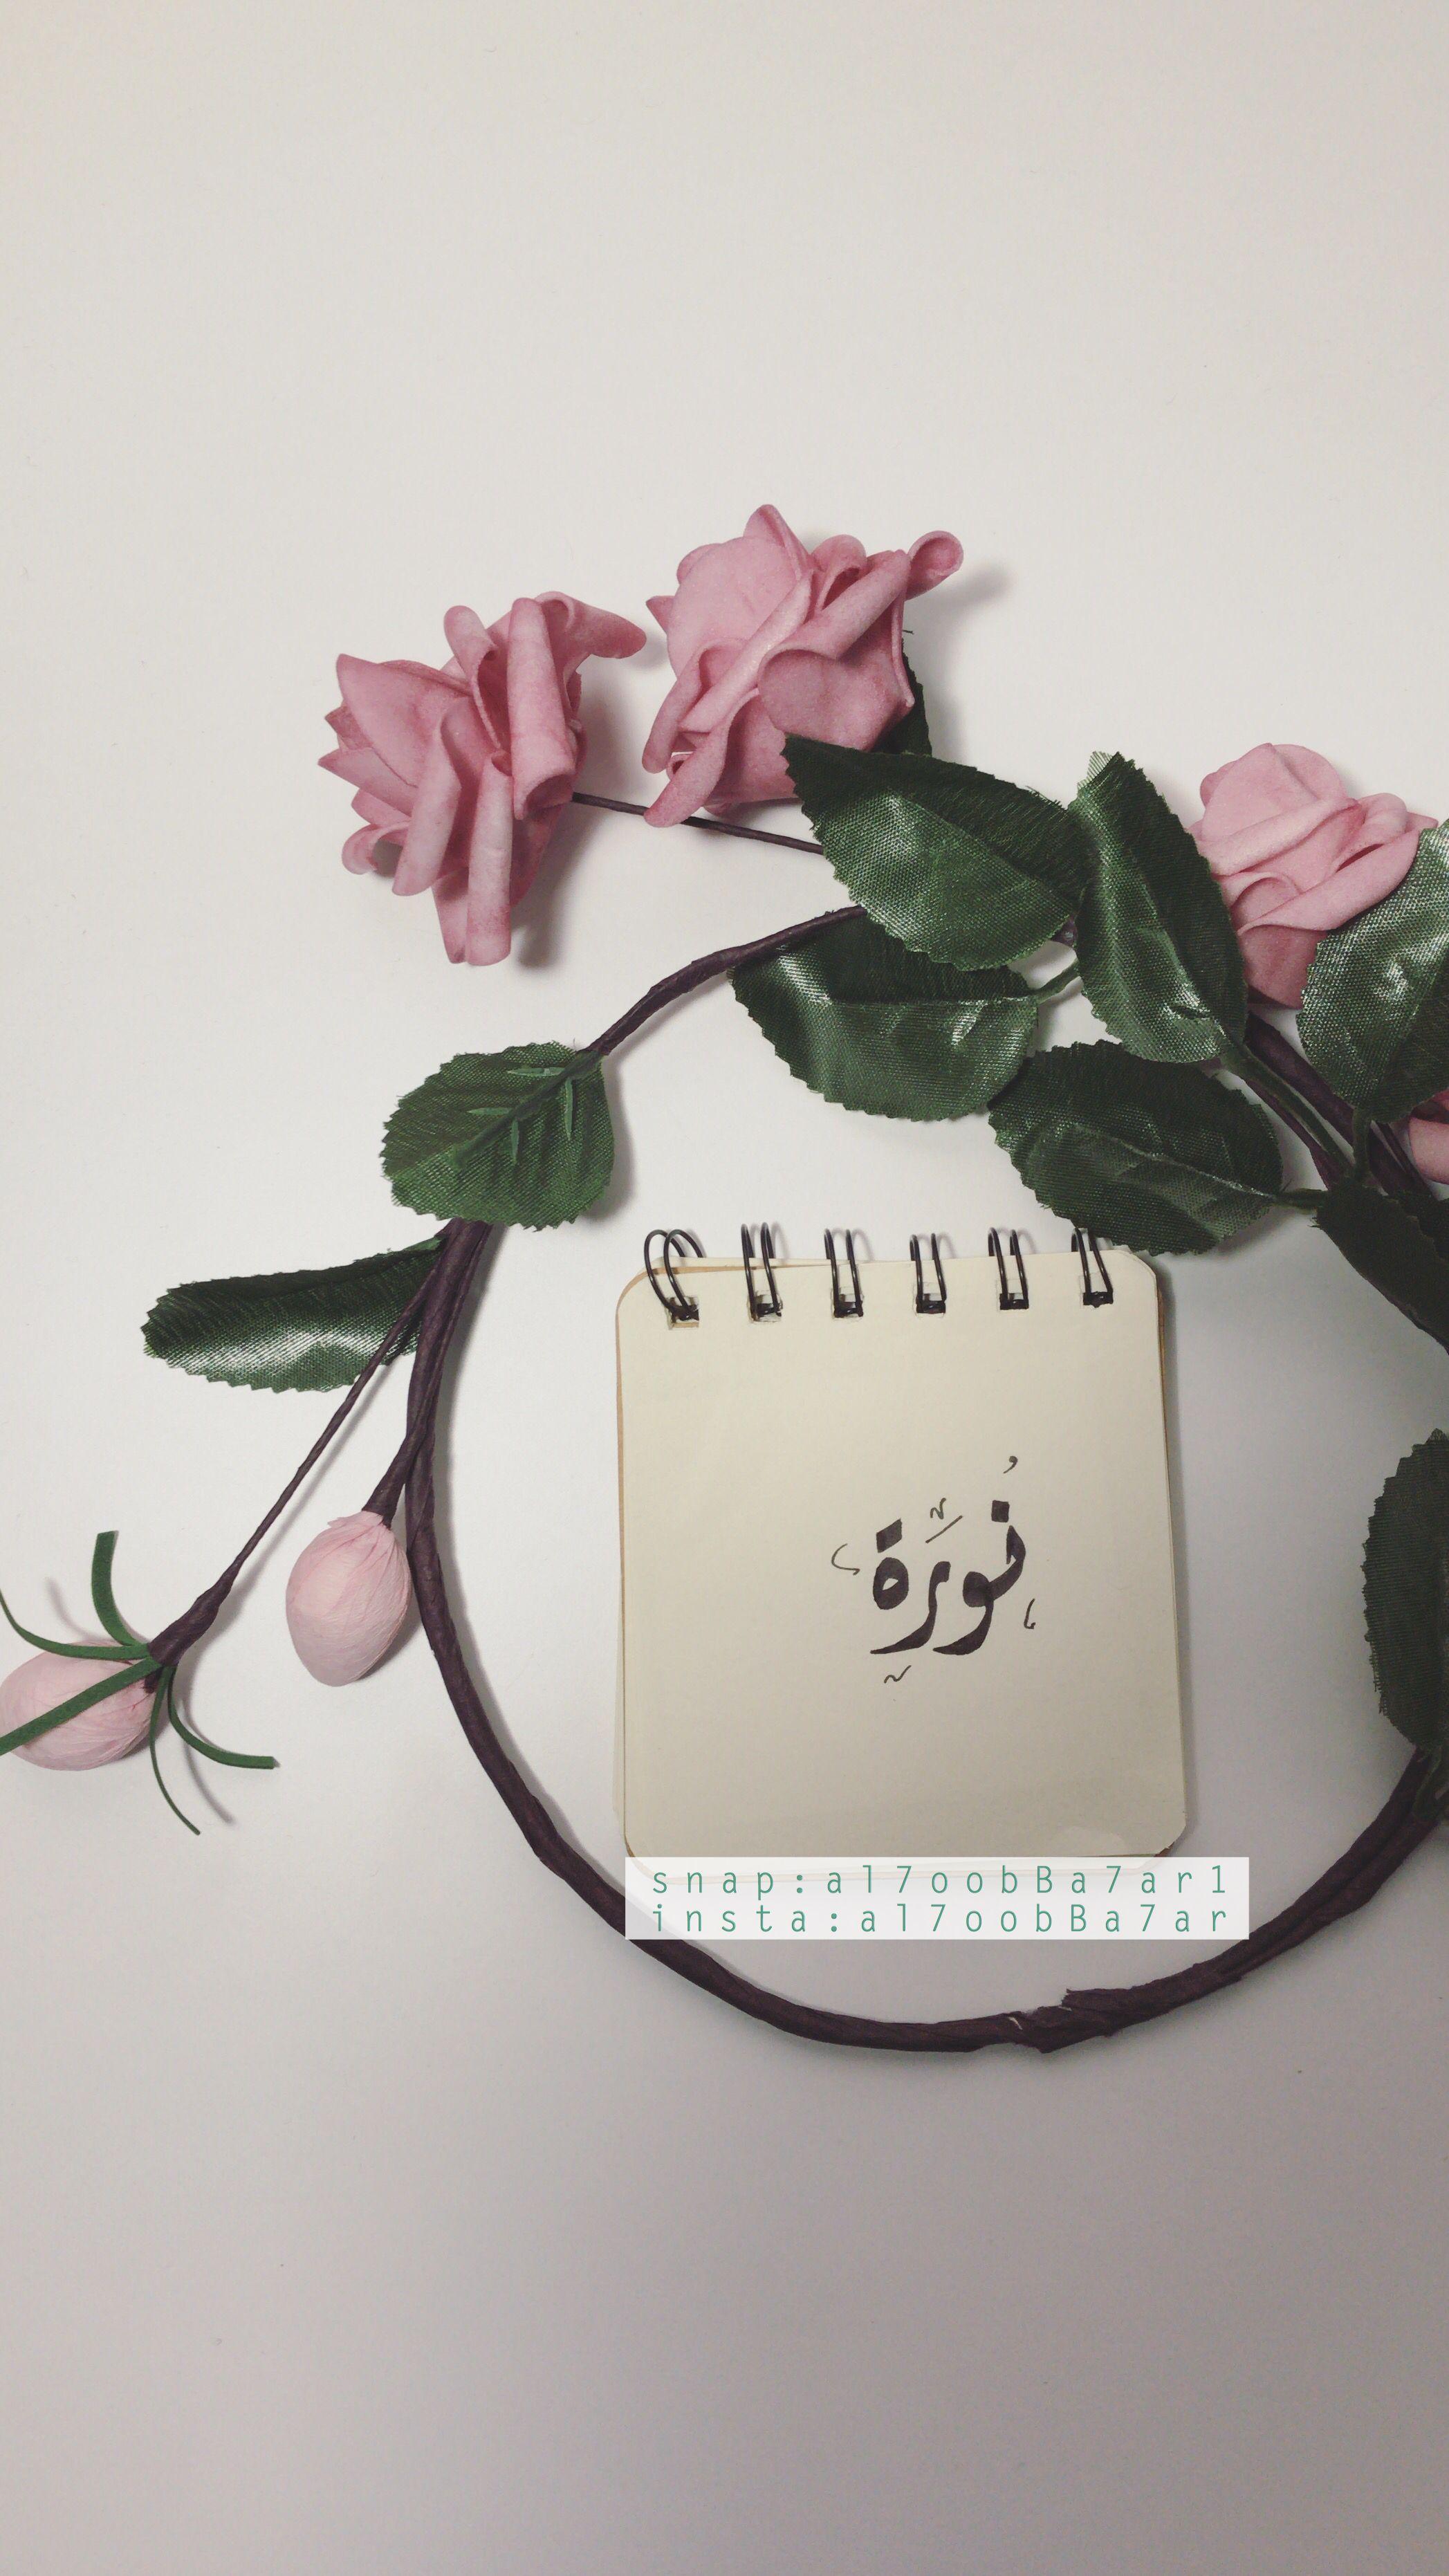 نوره خطي الخطوط الخط العربي الخط الديواني الخط العربي الفن الاسلامي خطاطين الإنستقرام د Graduation Art Islamic Art Calligraphy Love Quotes Wallpaper